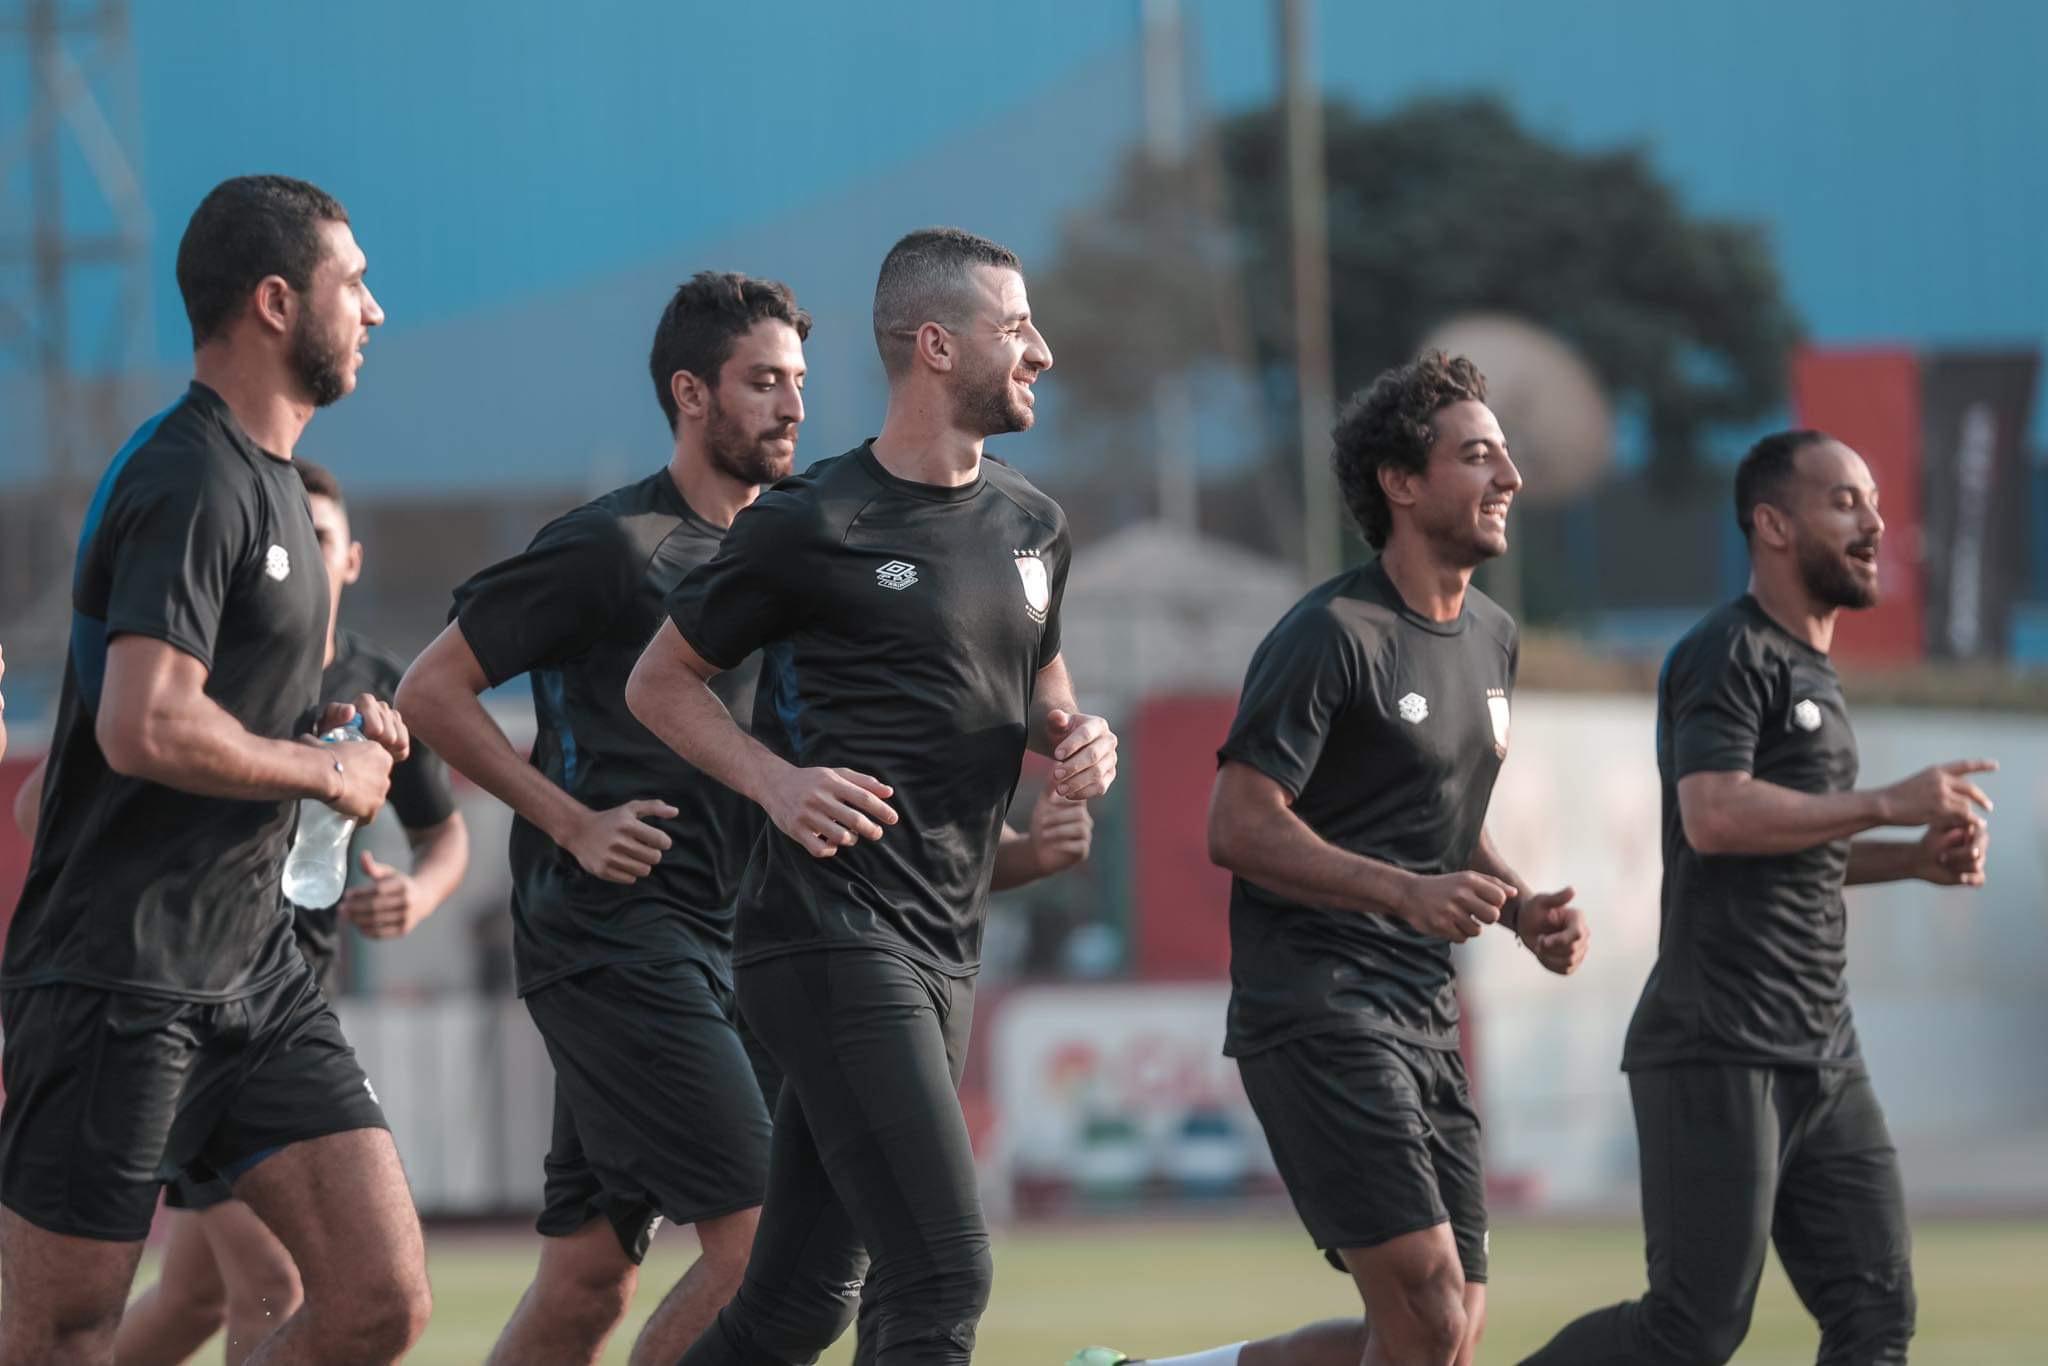 مران الأهلي| تقسيمة قوية للاعبين بطول الملعب